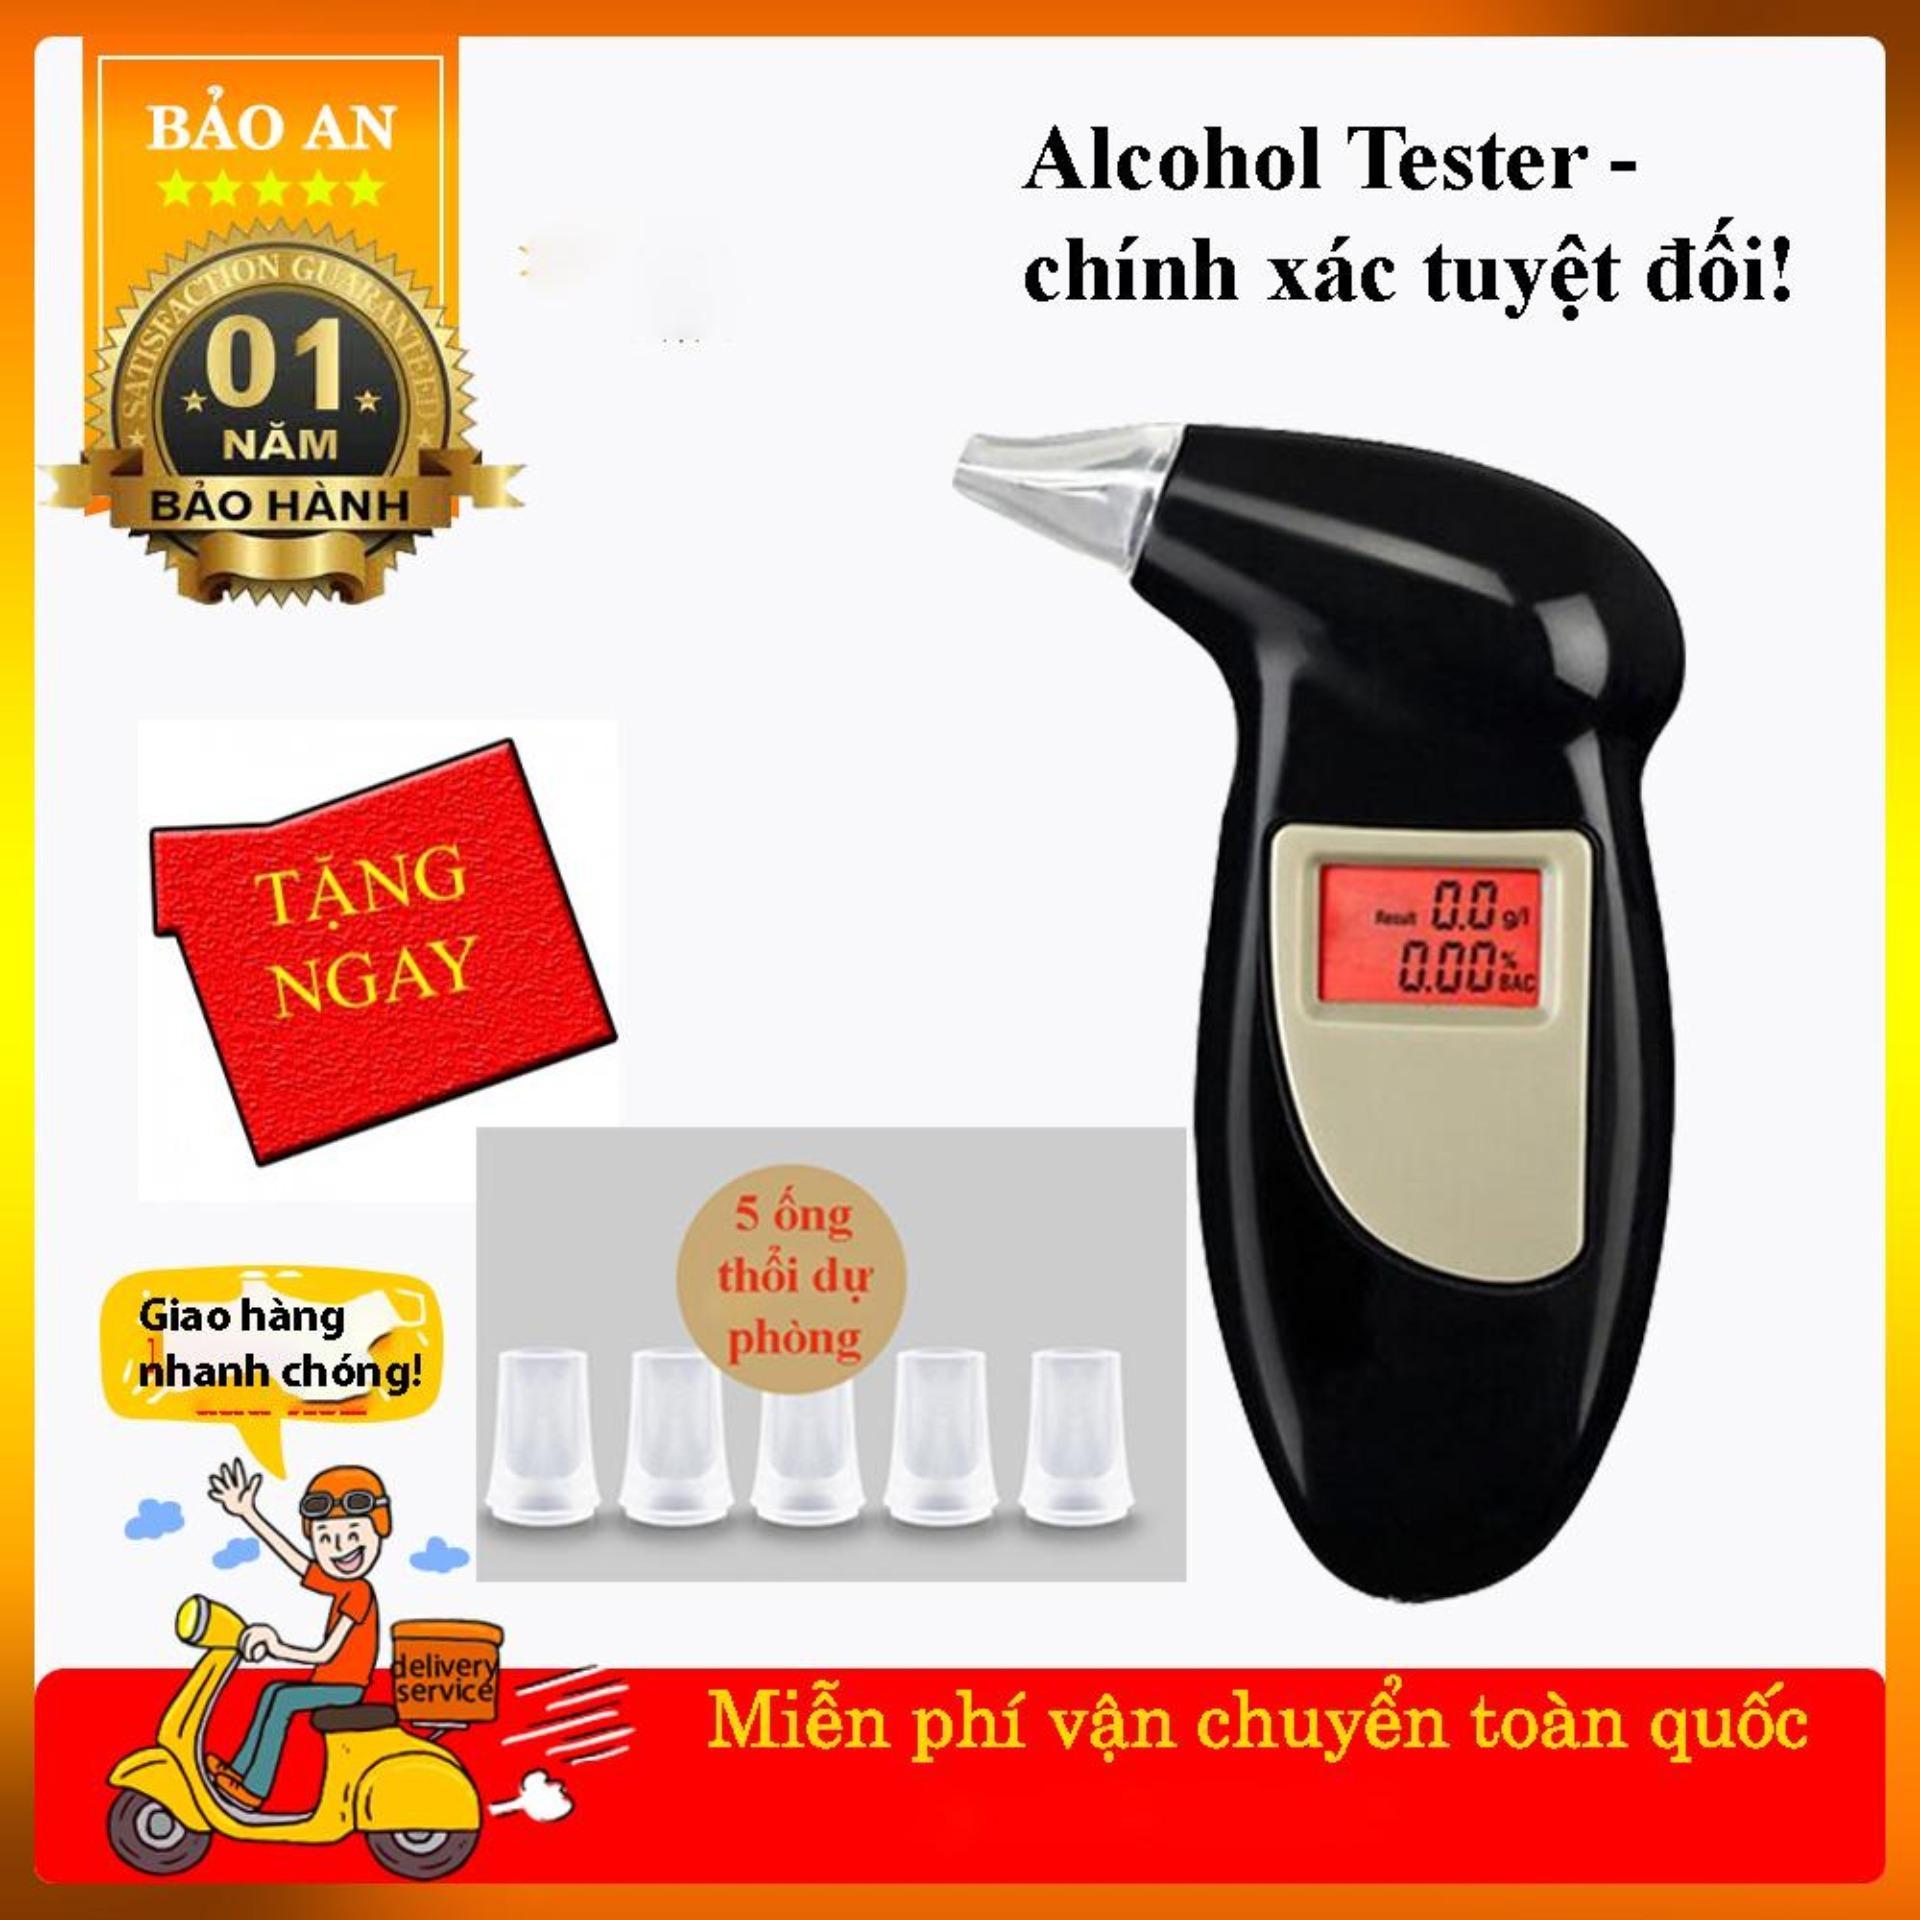 {HOT} Máy Đo Máy Thổi Nồng Độ Cồn Chính Xác Tuyệt Đối Alcohol Tester